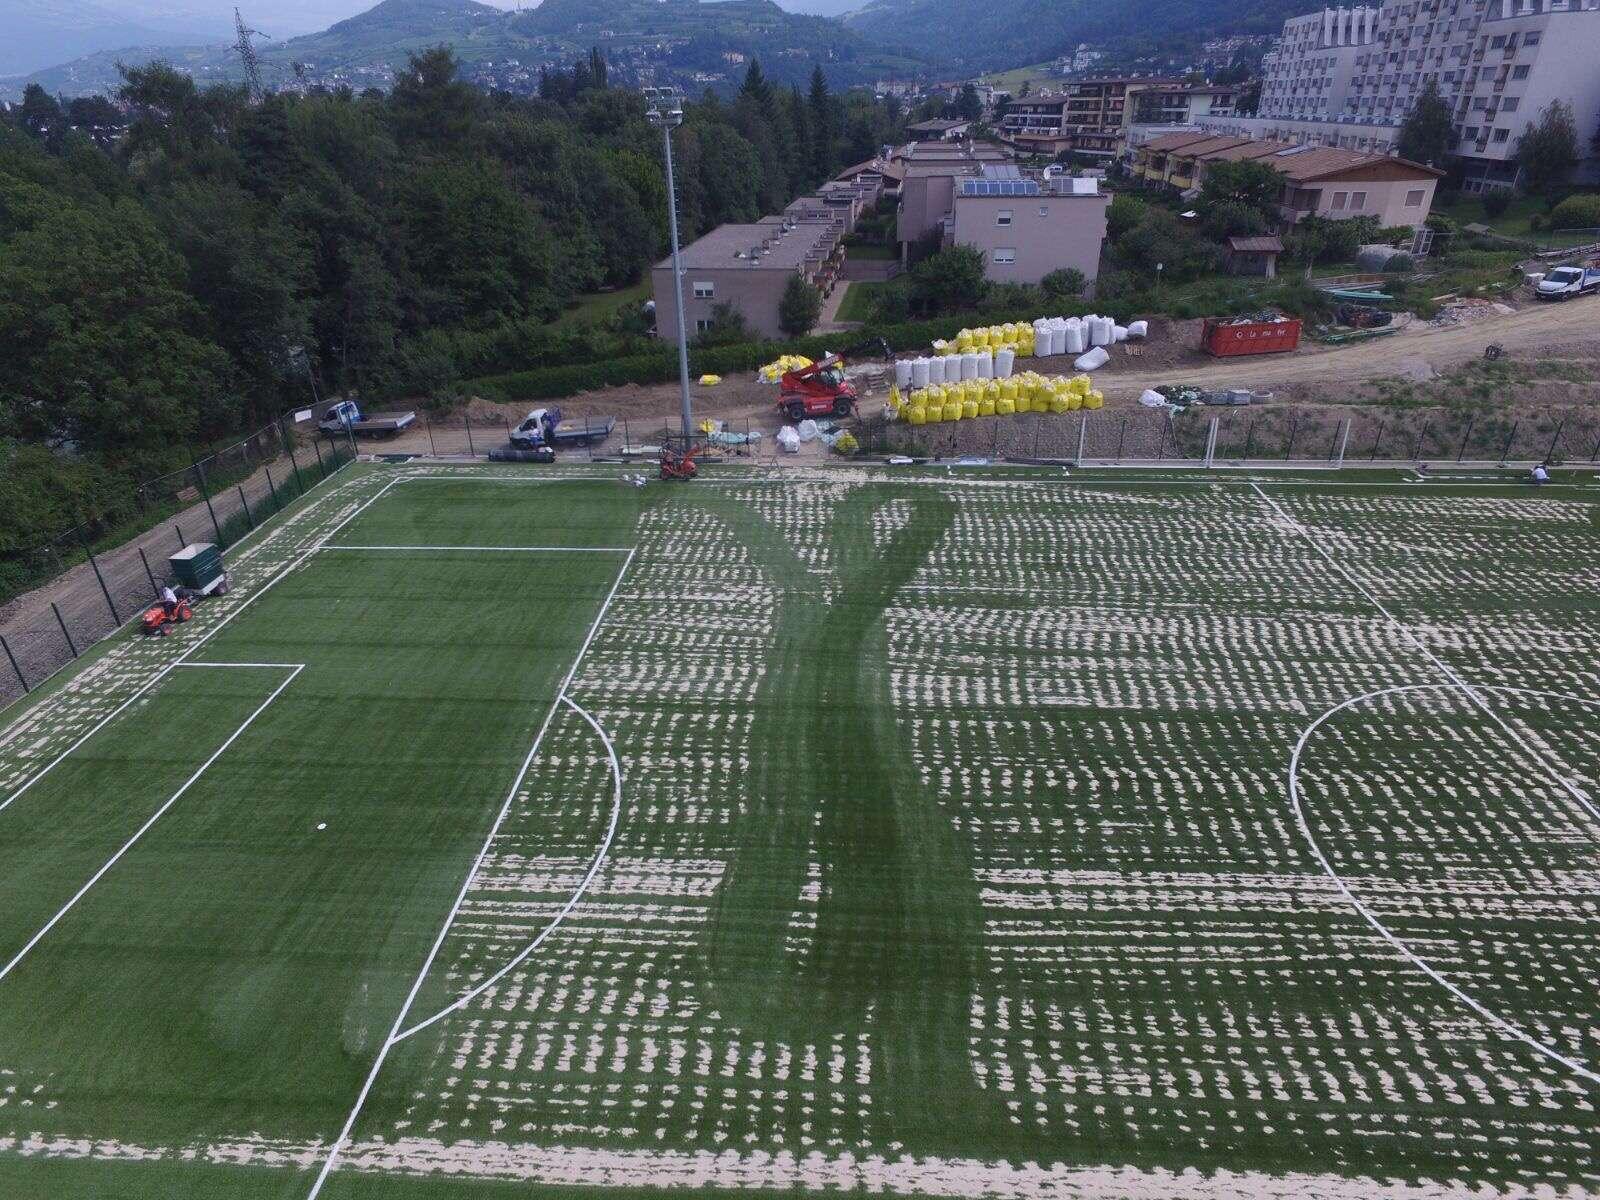 Bressanone (BZ) campo da calcio A11 Omologato - Lucon